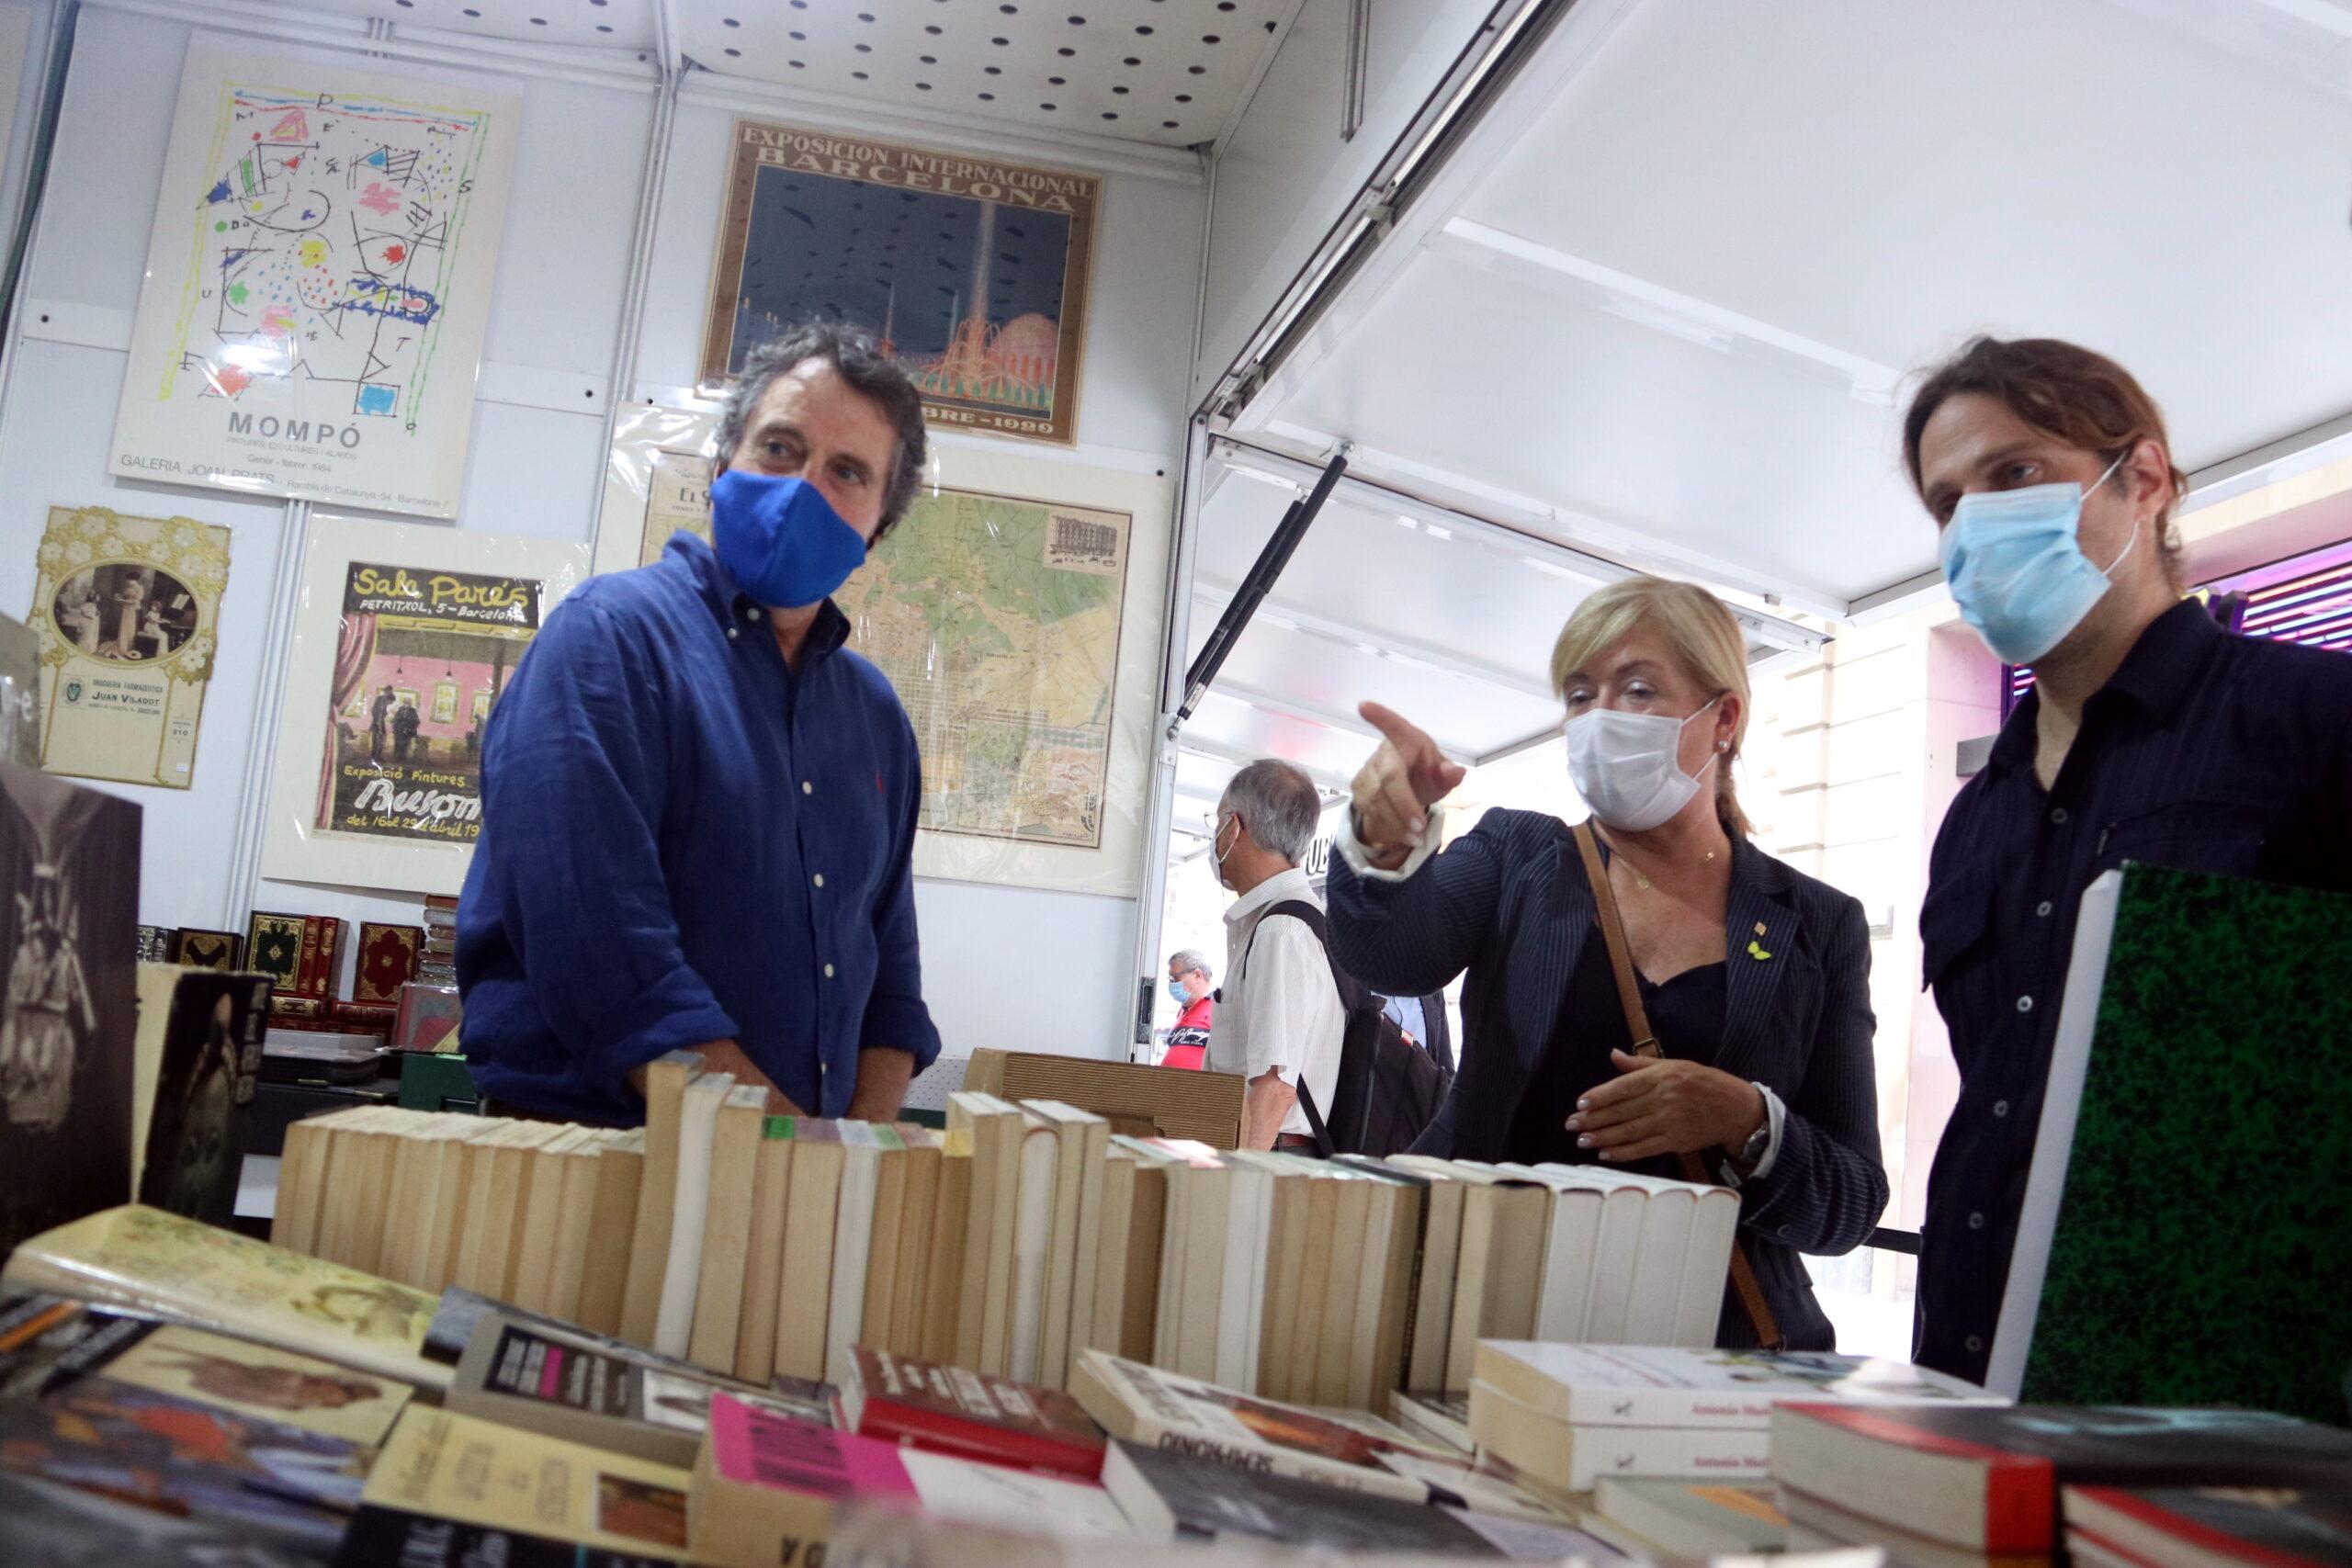 La Fira del Llibre d'Ocasió, Antic i Modern, que va començar divendres, és un baló d'oxigen per als llibreters / ACN